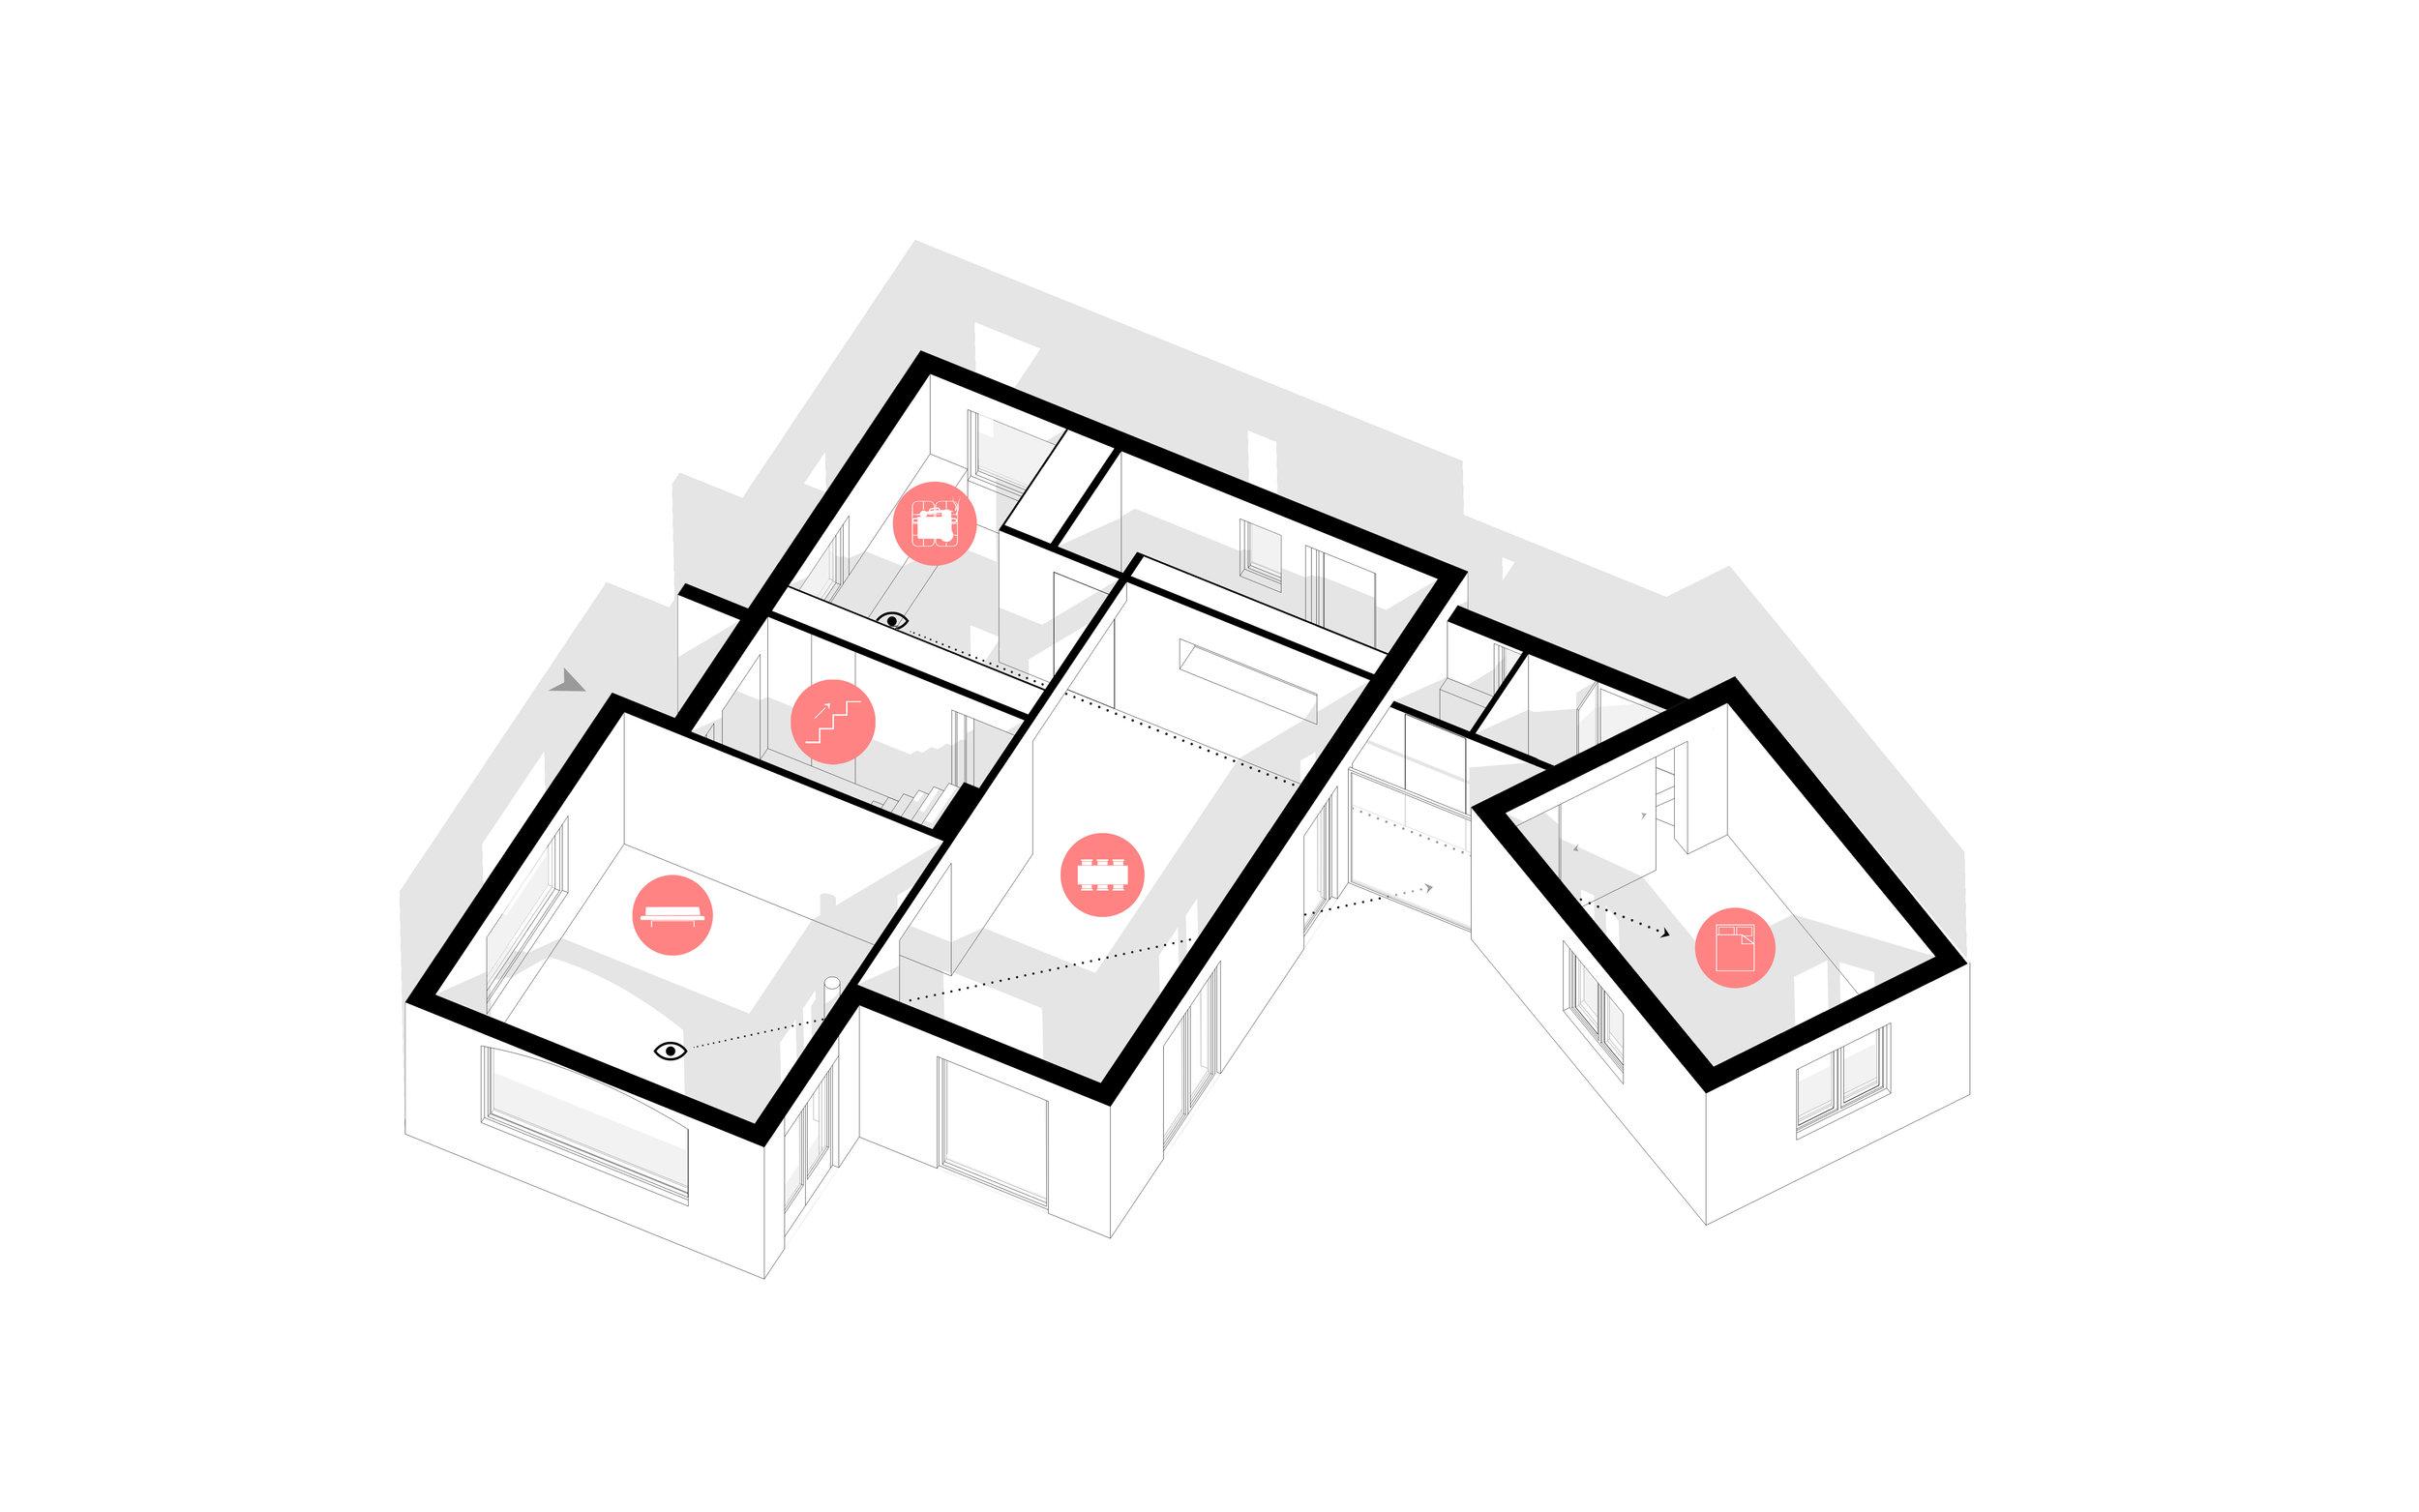 concept van nieuwe indeling met lange zichtlijnen